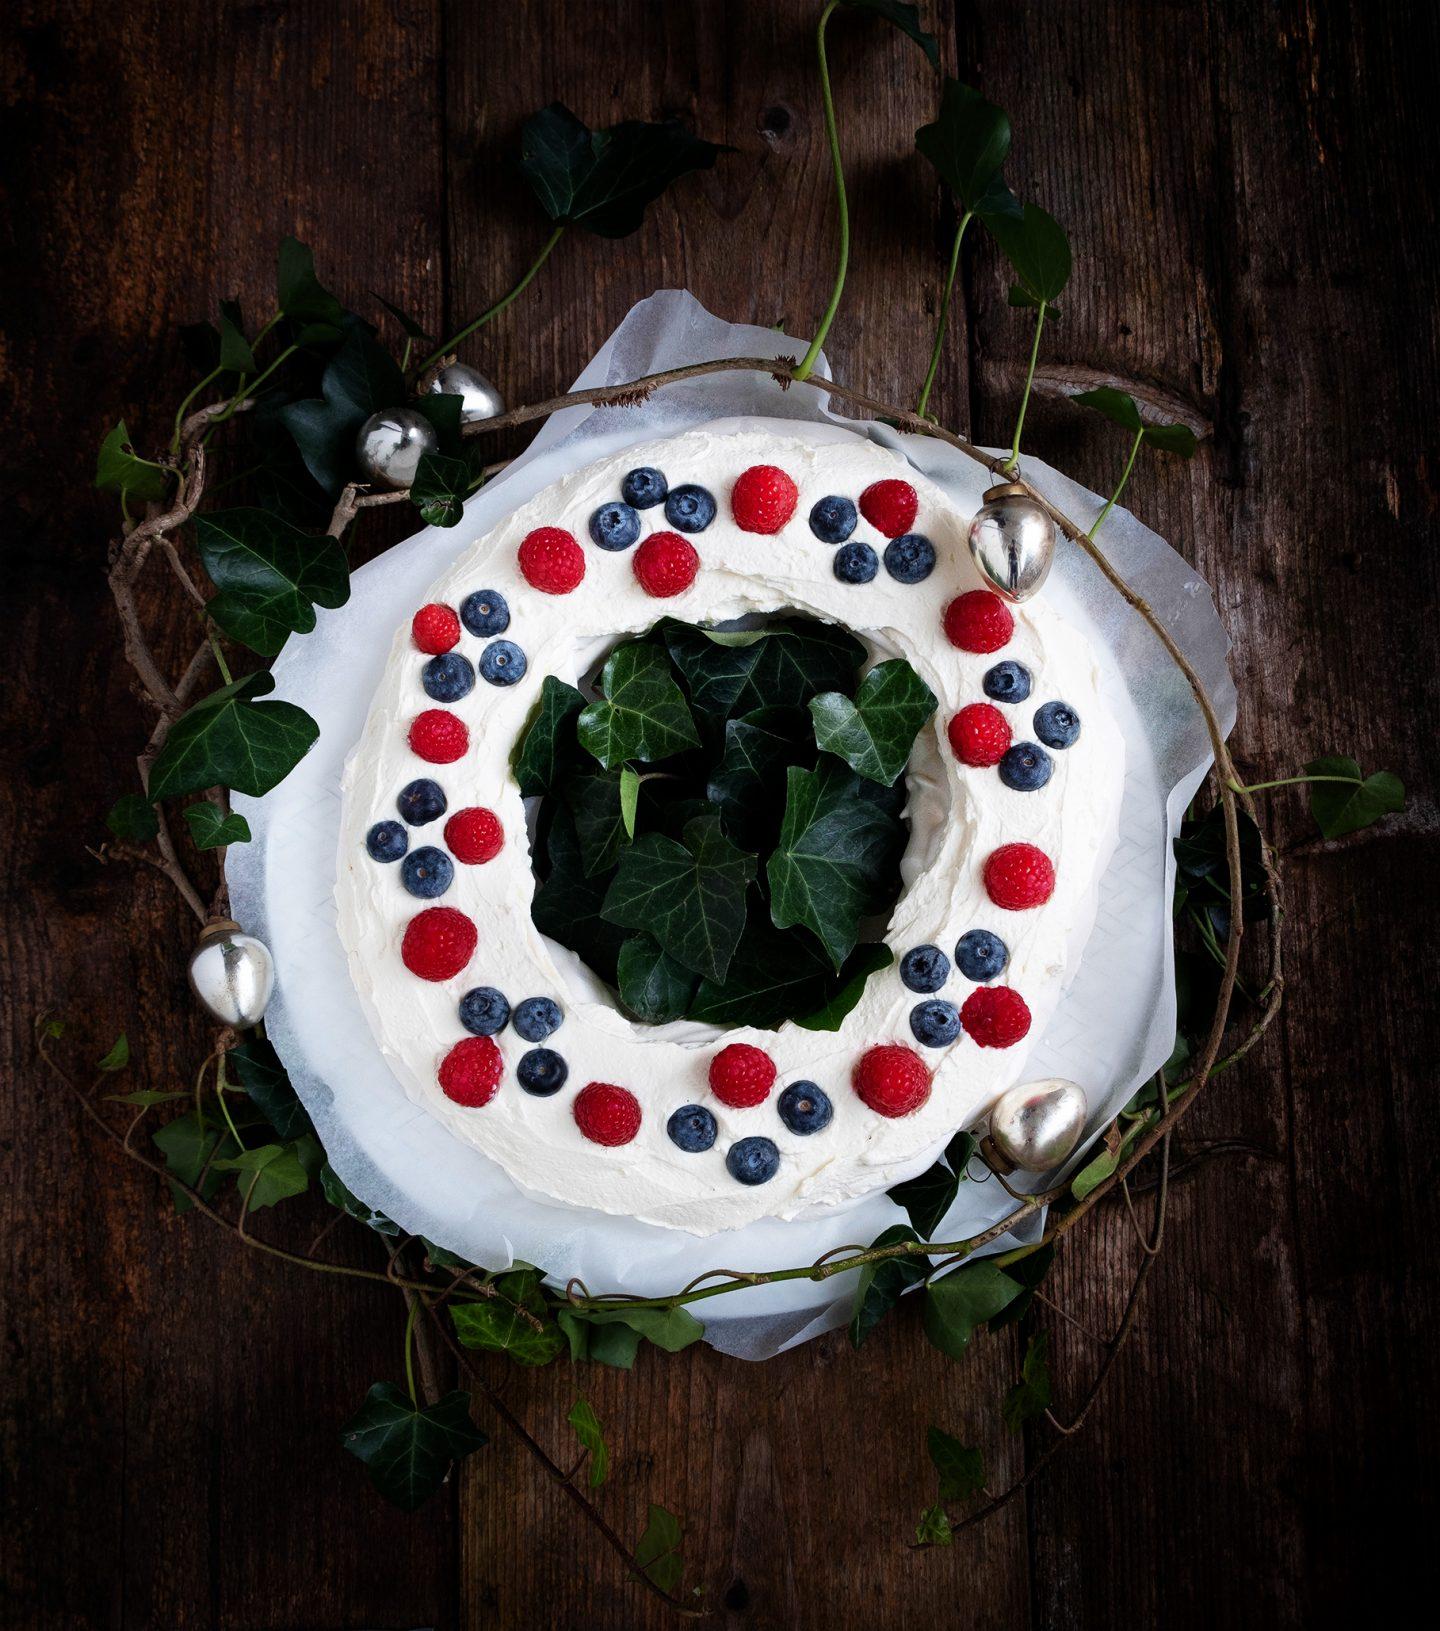 Pavlova kerstkrans van Anne-Marie - Foodblogswap